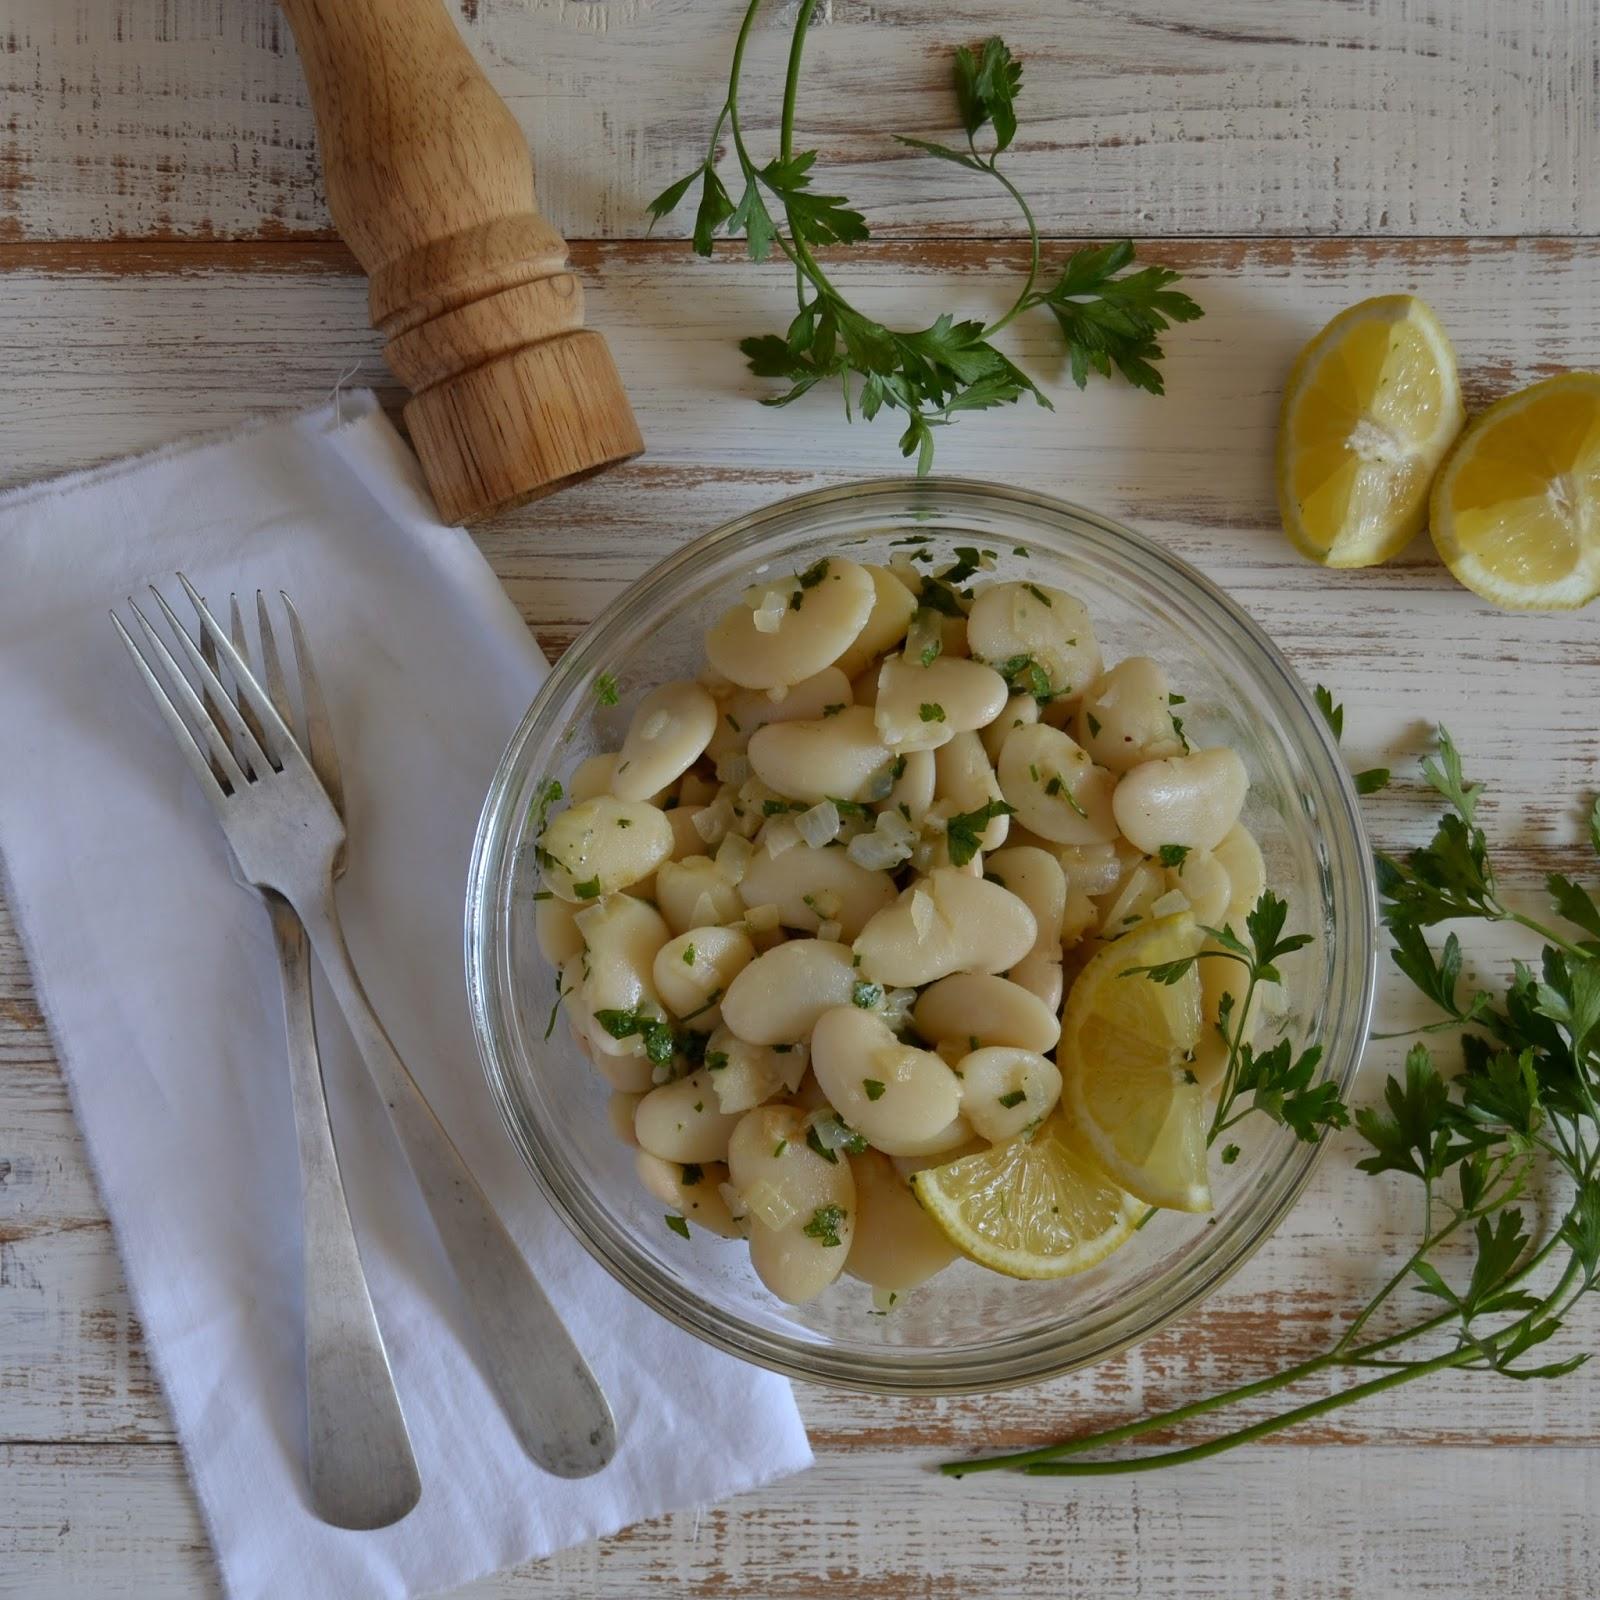 Contigo en la playa ensalada de jud as blancas fasoulia b zeit - Ensalada fria de judias blancas ...